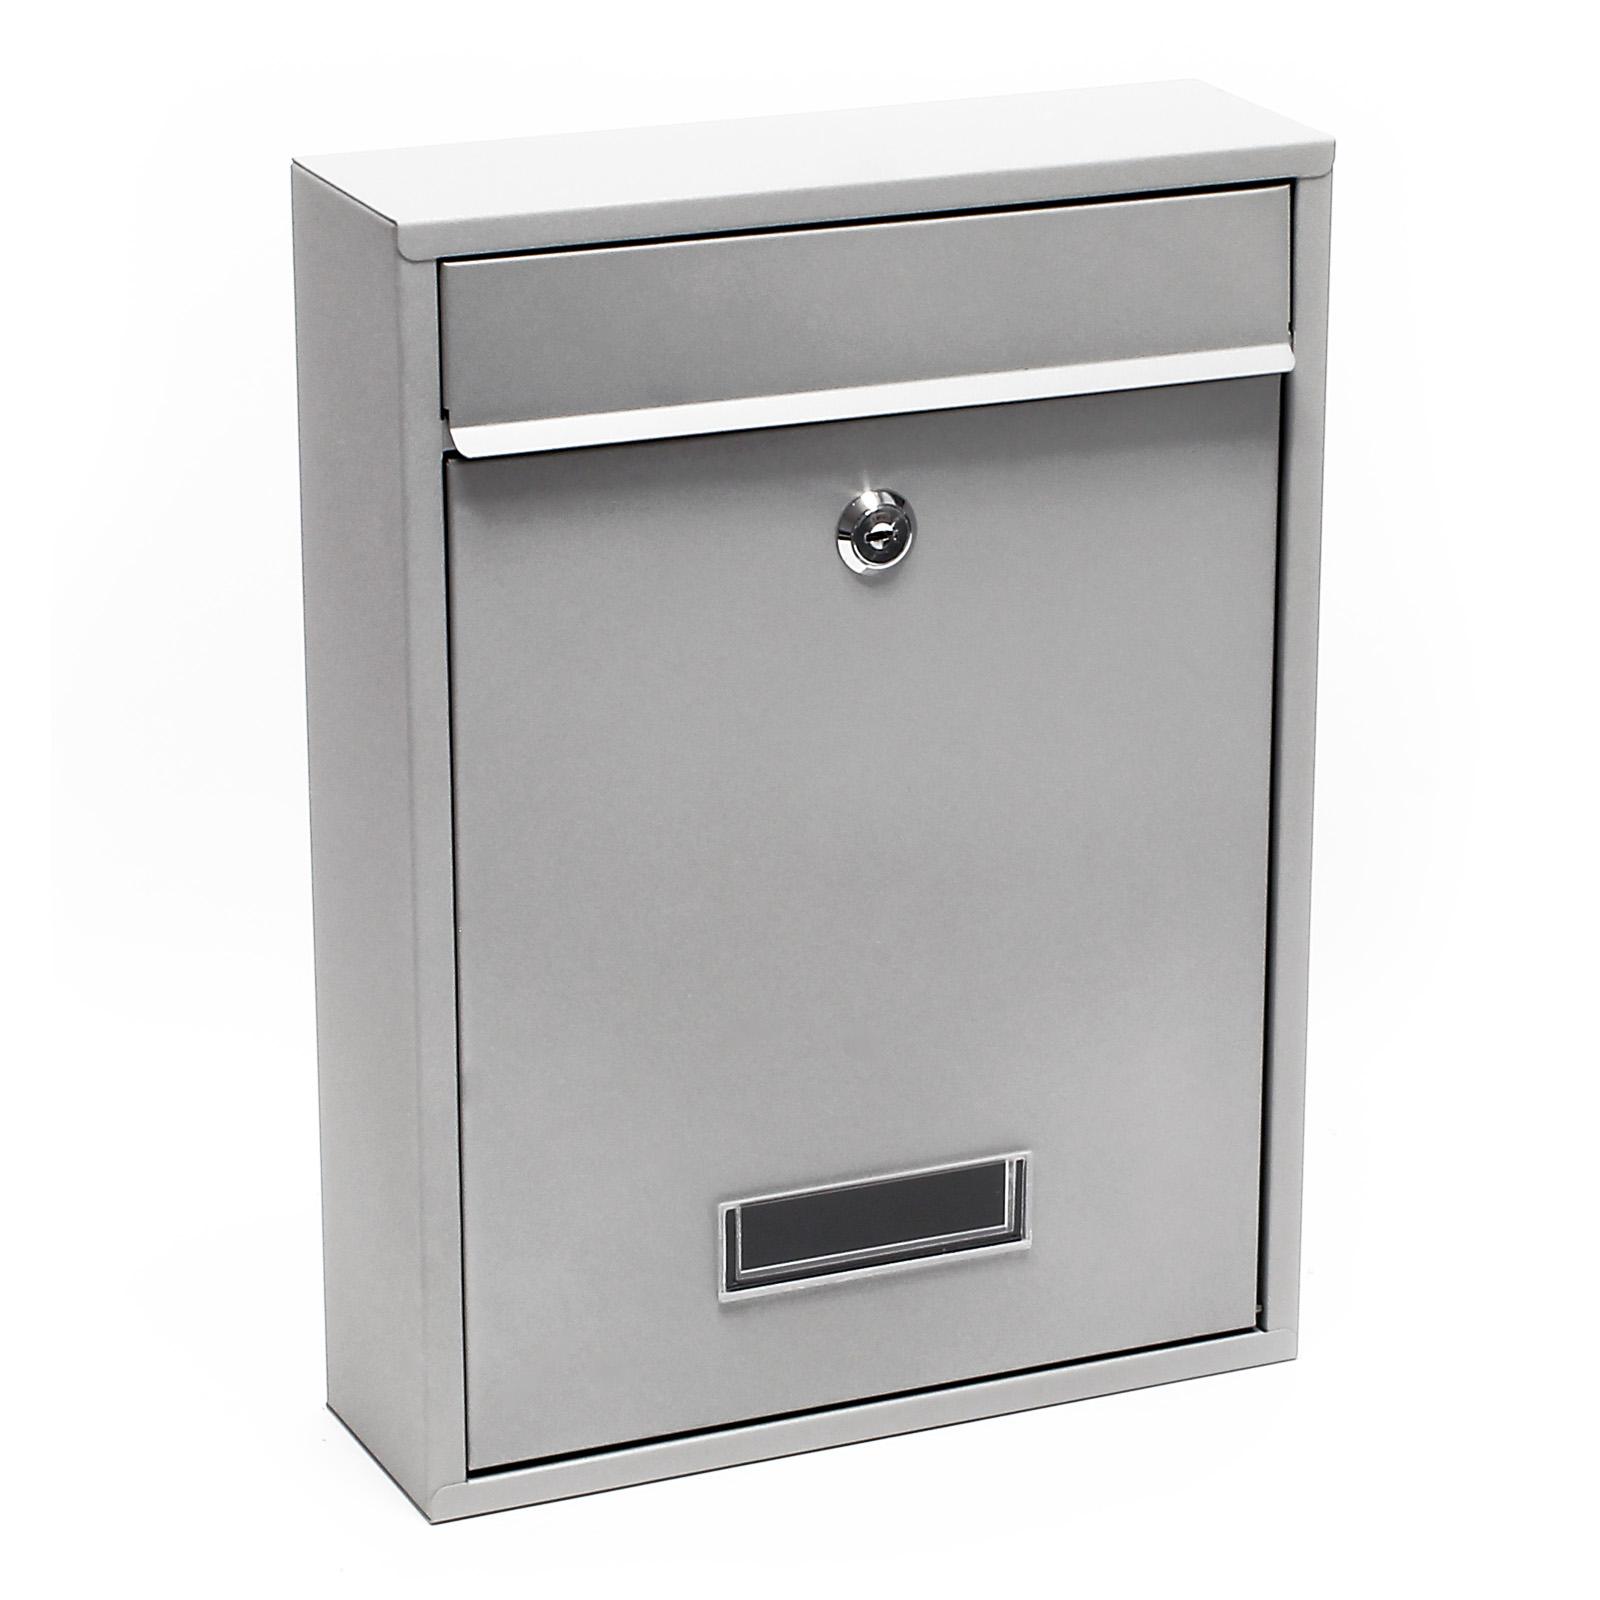 Moderner Briefkasten moderner design briefkasten v7 edelstahl wandbriefkasten gebürstet zeitungsrolle ebay